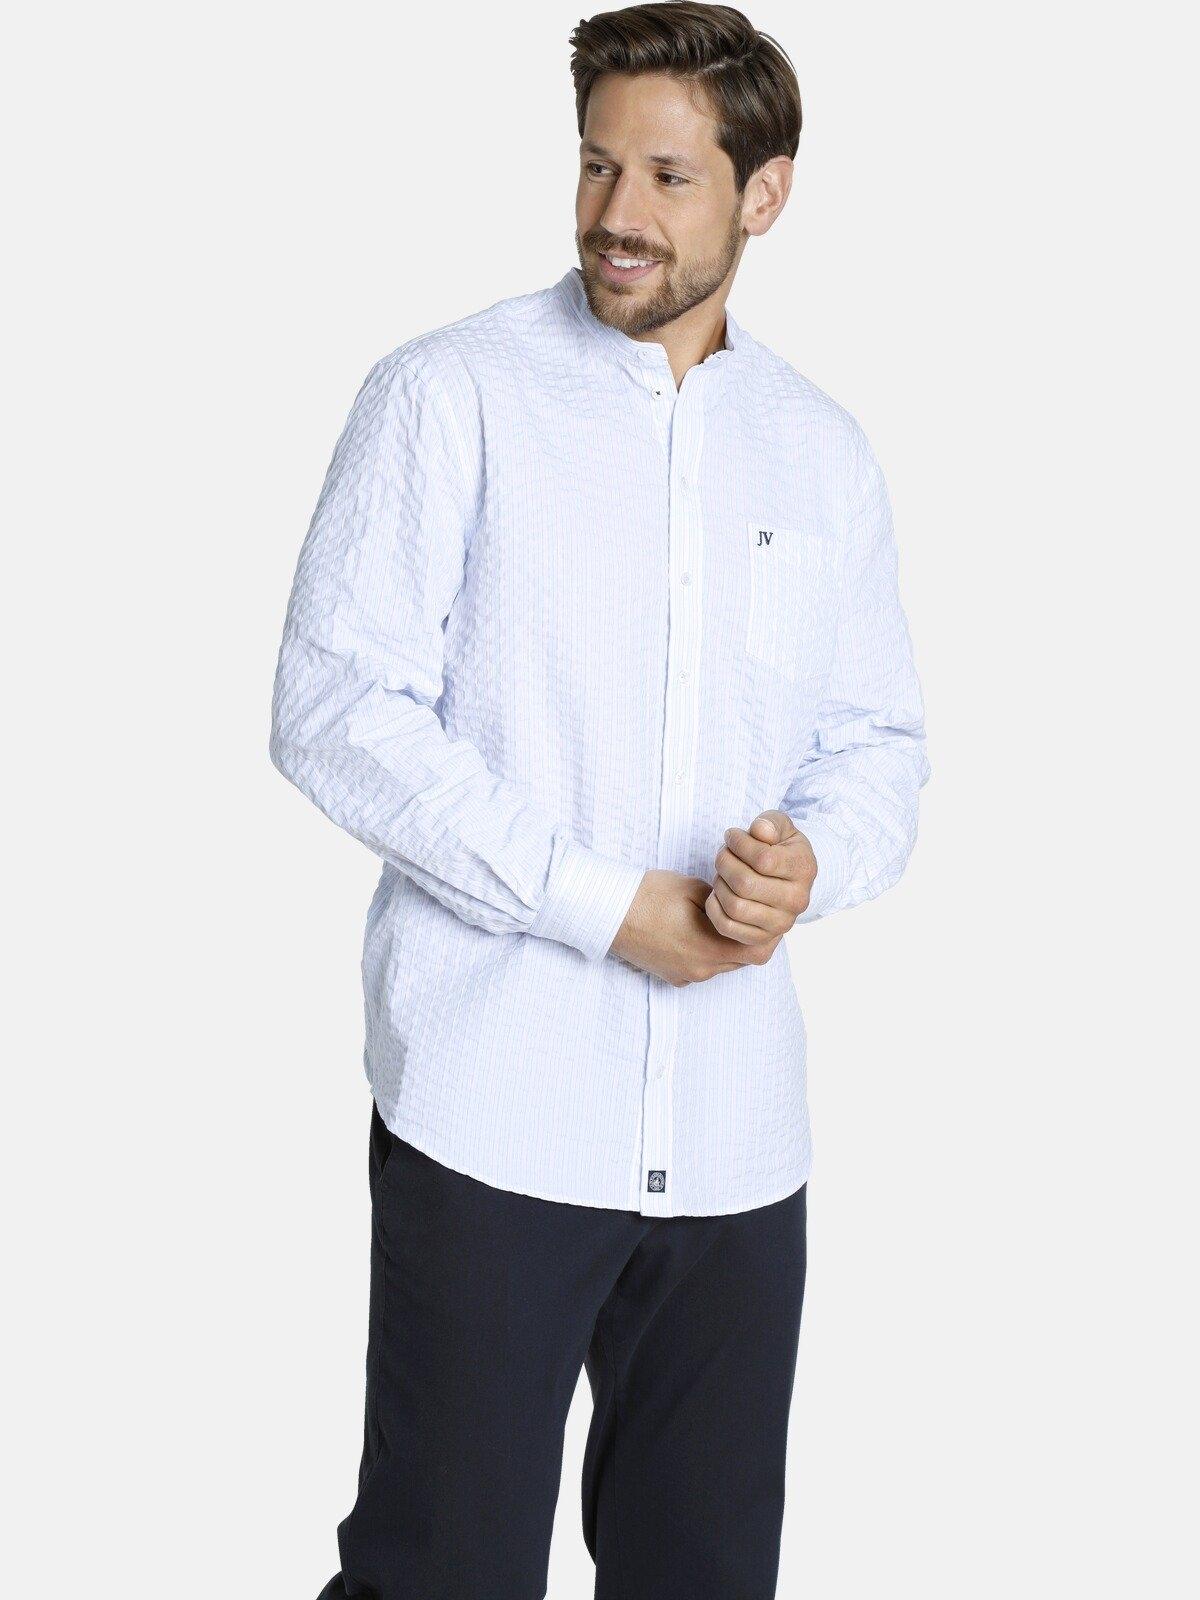 Jan Vanderstorm overhemd met lange mouwen SILLAS Katoenen overhemd met een opstaande kraag online kopen op otto.nl